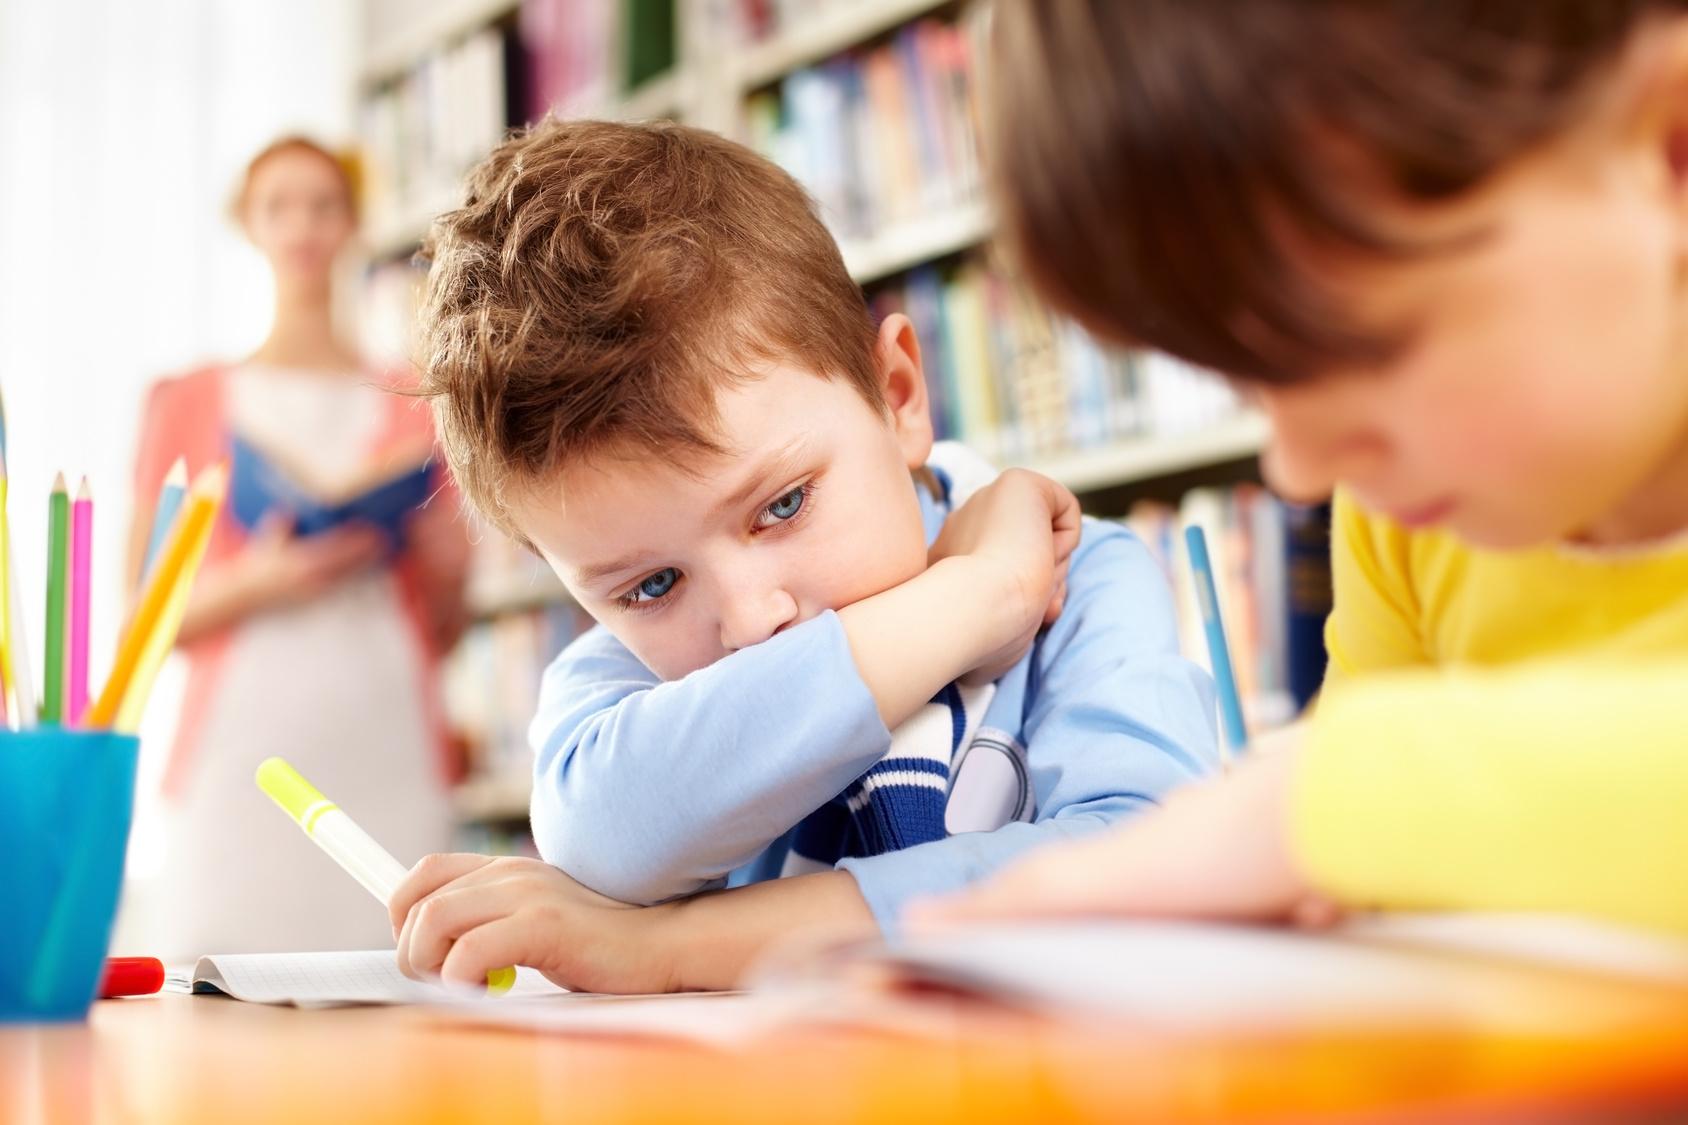 Scolarité : les problèmes de concentration parents.fr   PARENTS.fr